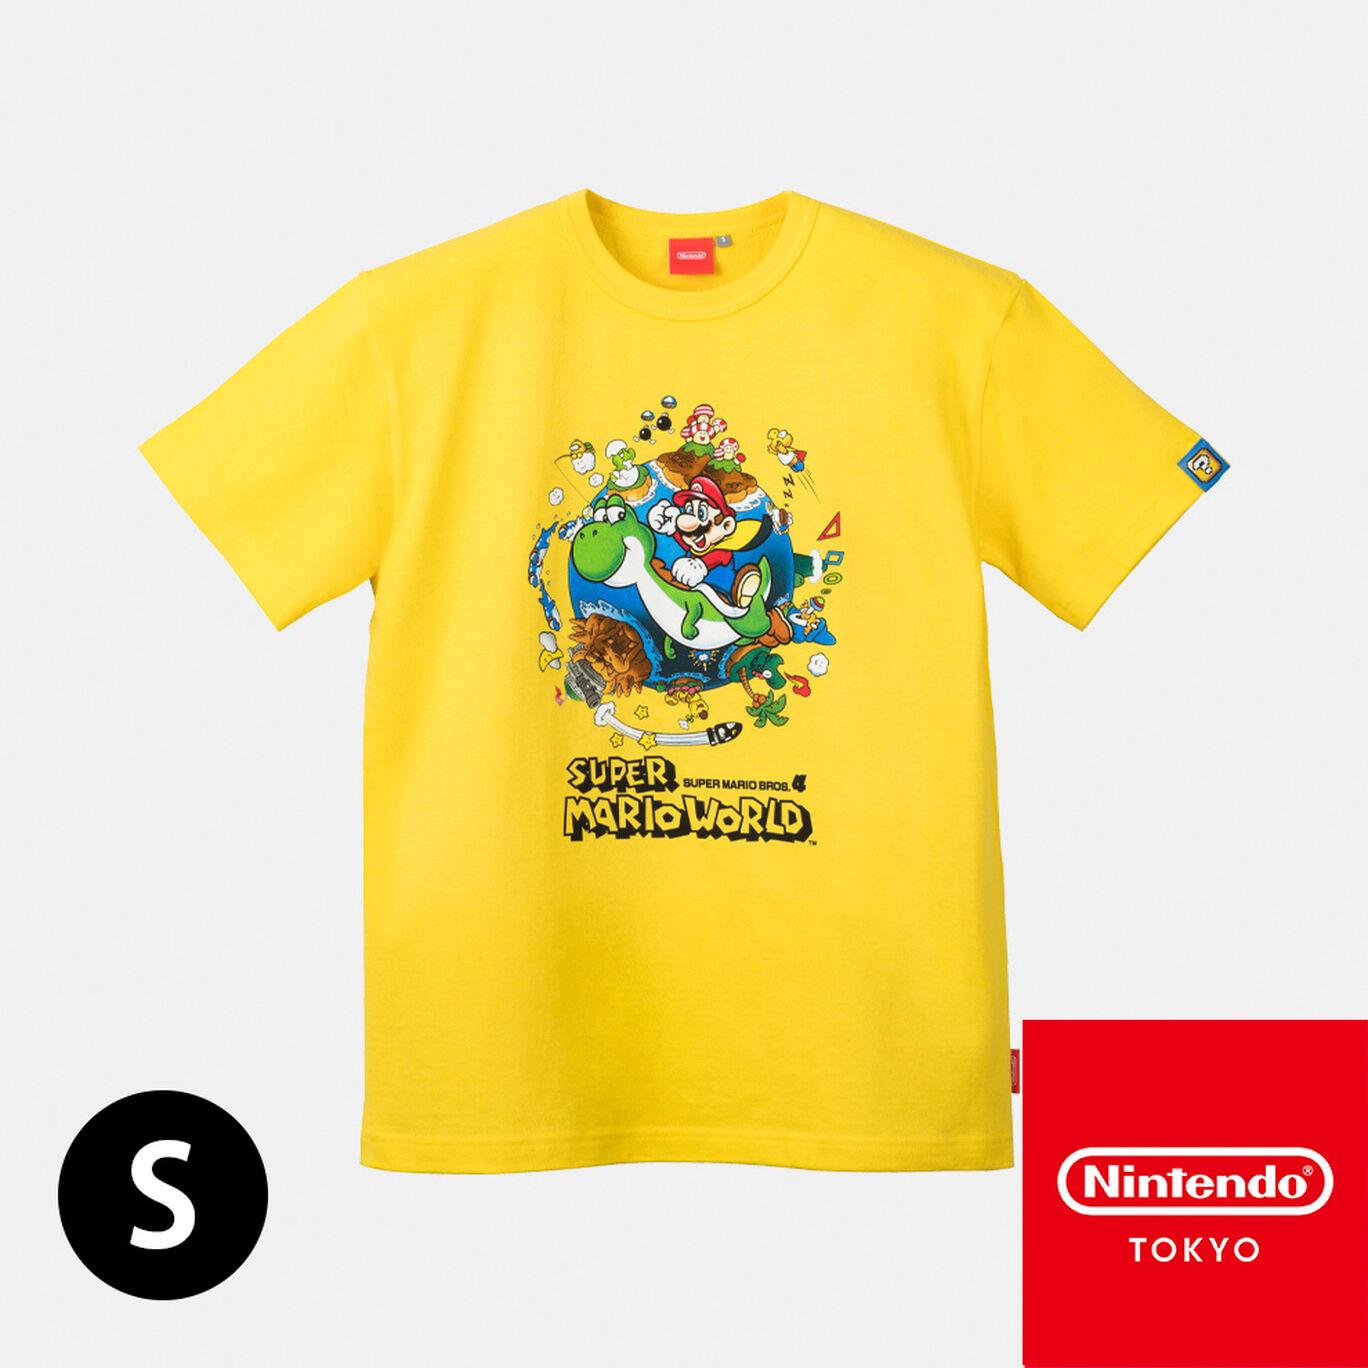 Tシャツ スーパーマリオワールド S【Nintendo TOKYO取り扱い商品】